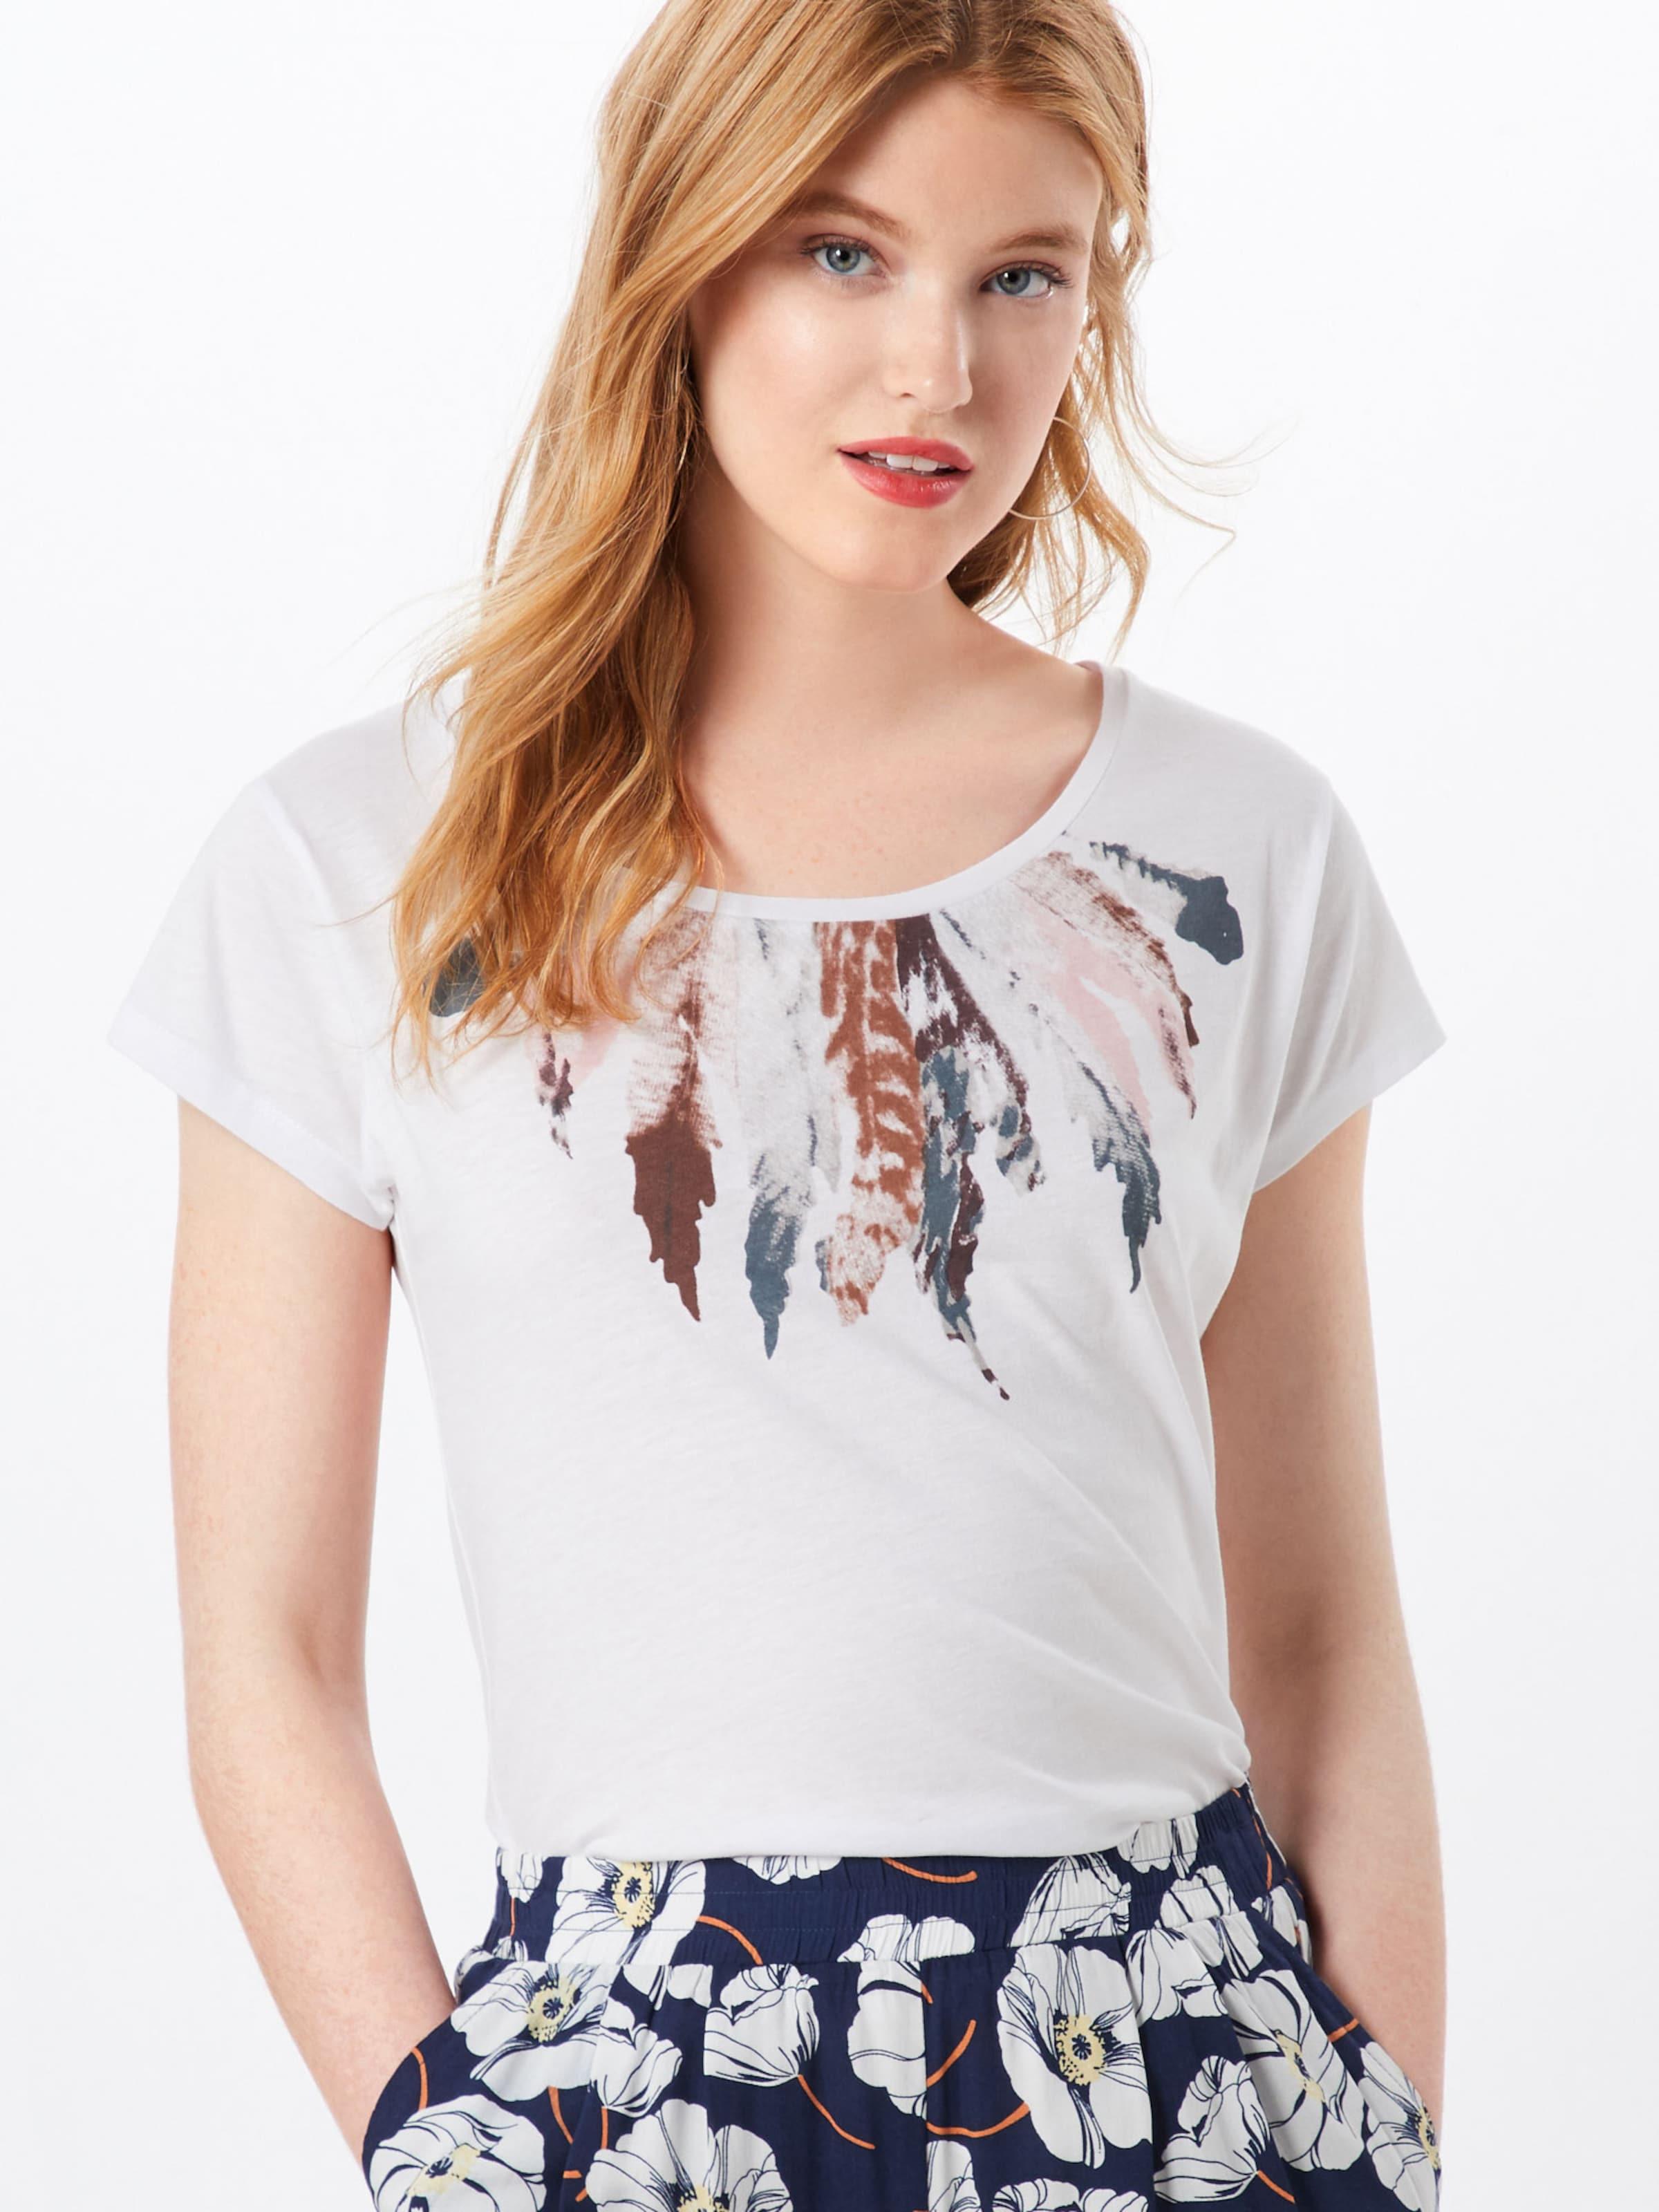 shirt T Cassé 'elli' Mélange CouleursBlanc De Hailys En 8n0wOPZkNX